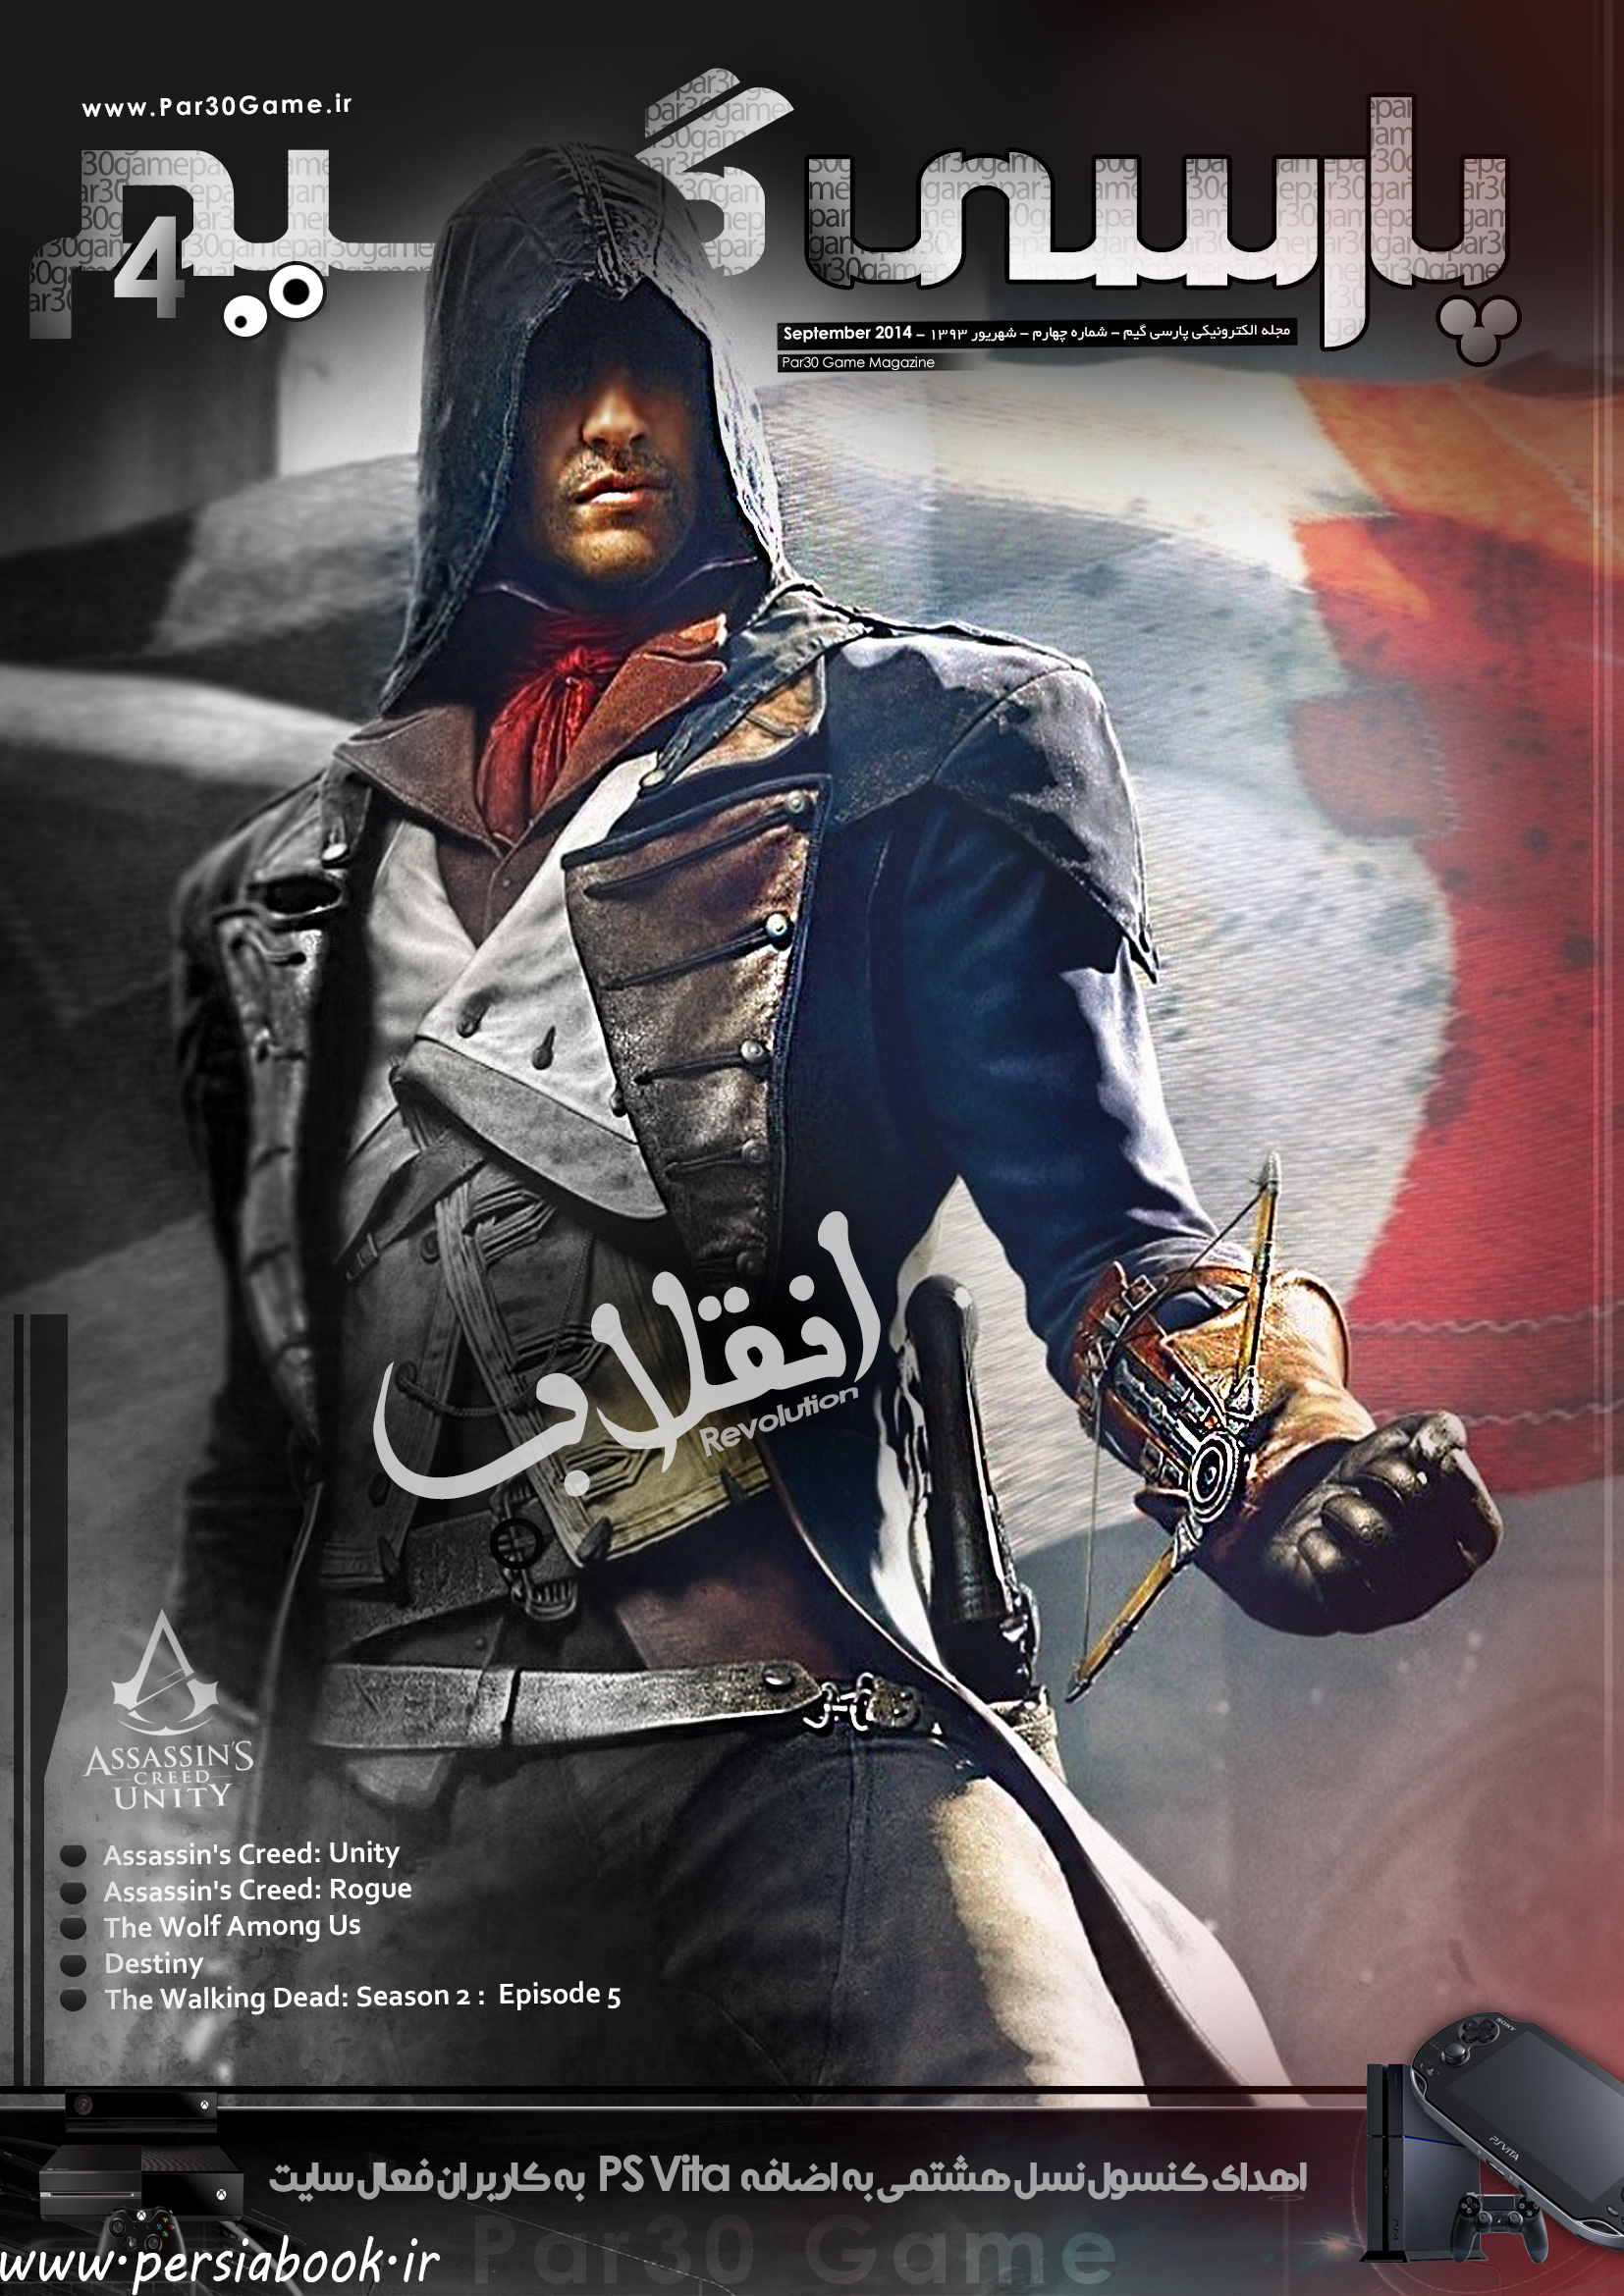 دانلود مجله پارسی گیم شماره 4